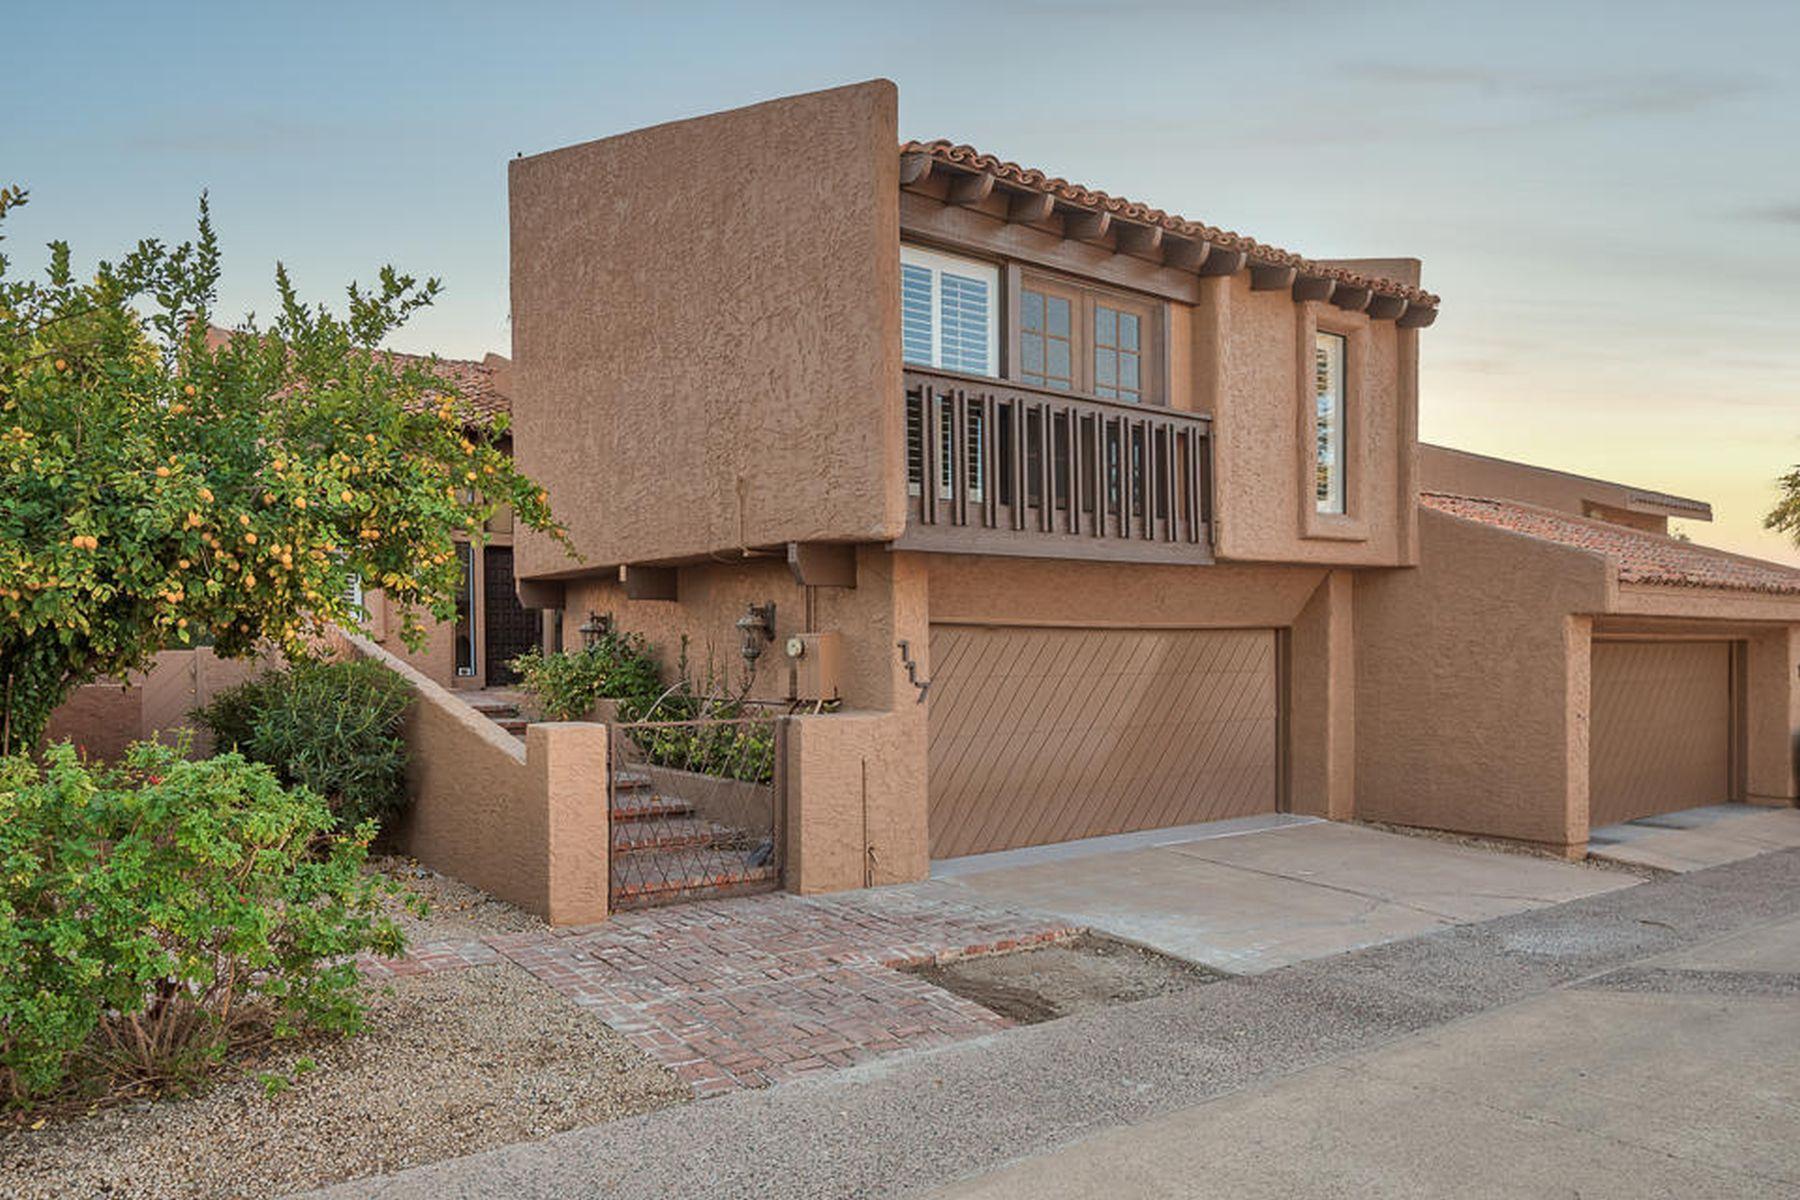 Casa unifamiliar adosada (Townhouse) por un Alquiler en Great Privately Guard Gated Home 4434 E Camelback RD 117, Phoenix, Arizona, 85018 Estados Unidos